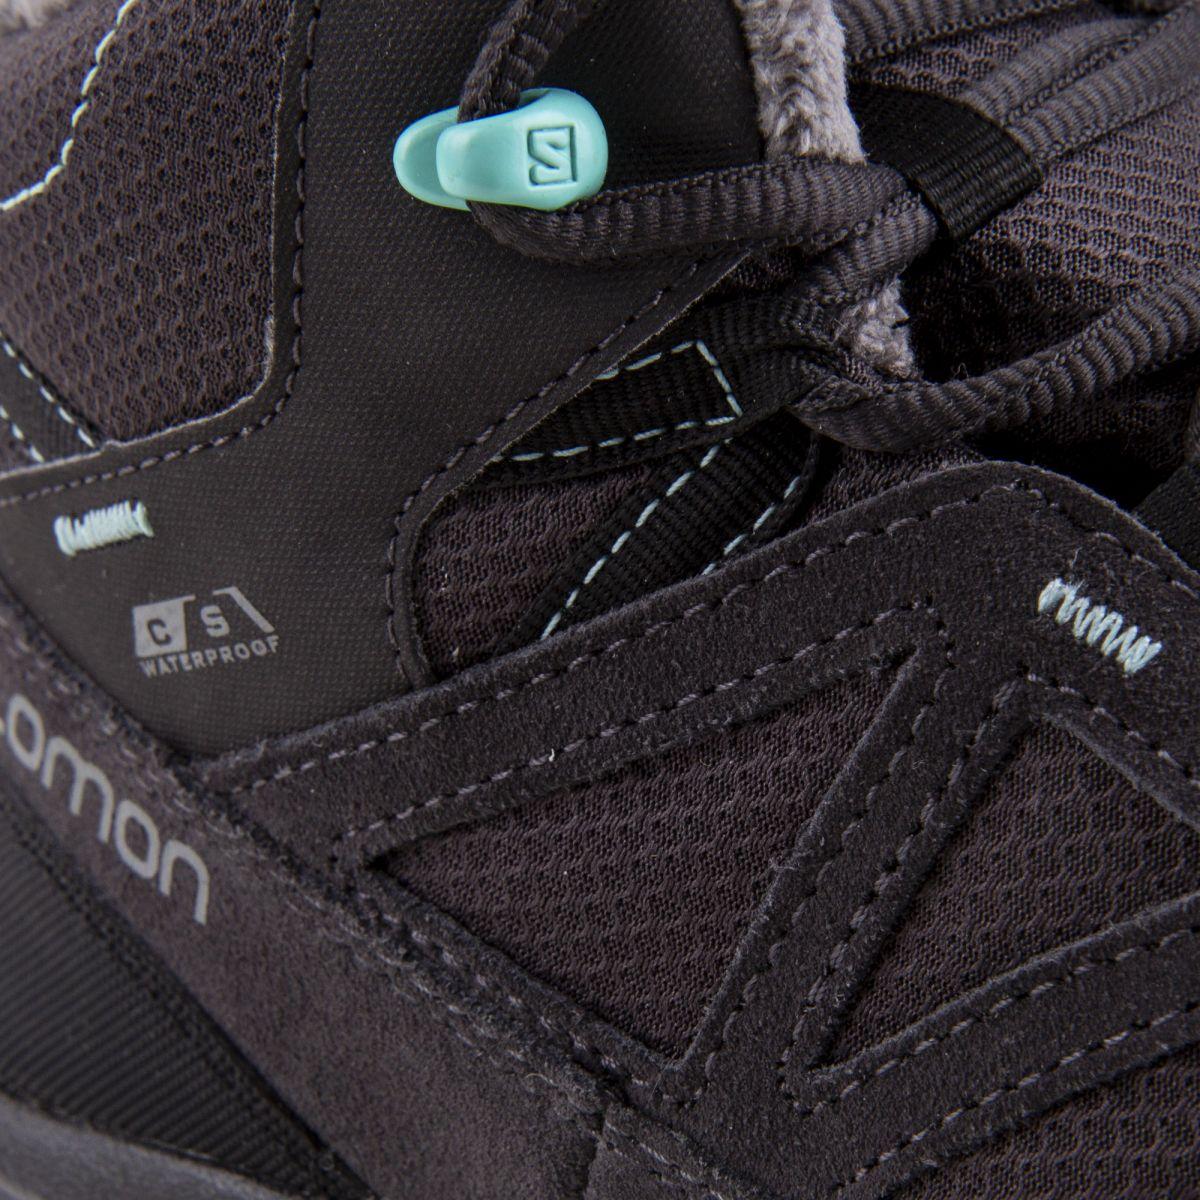 Chaussures de randonnée waterproof Grimsey TS CSWP SALOMON à